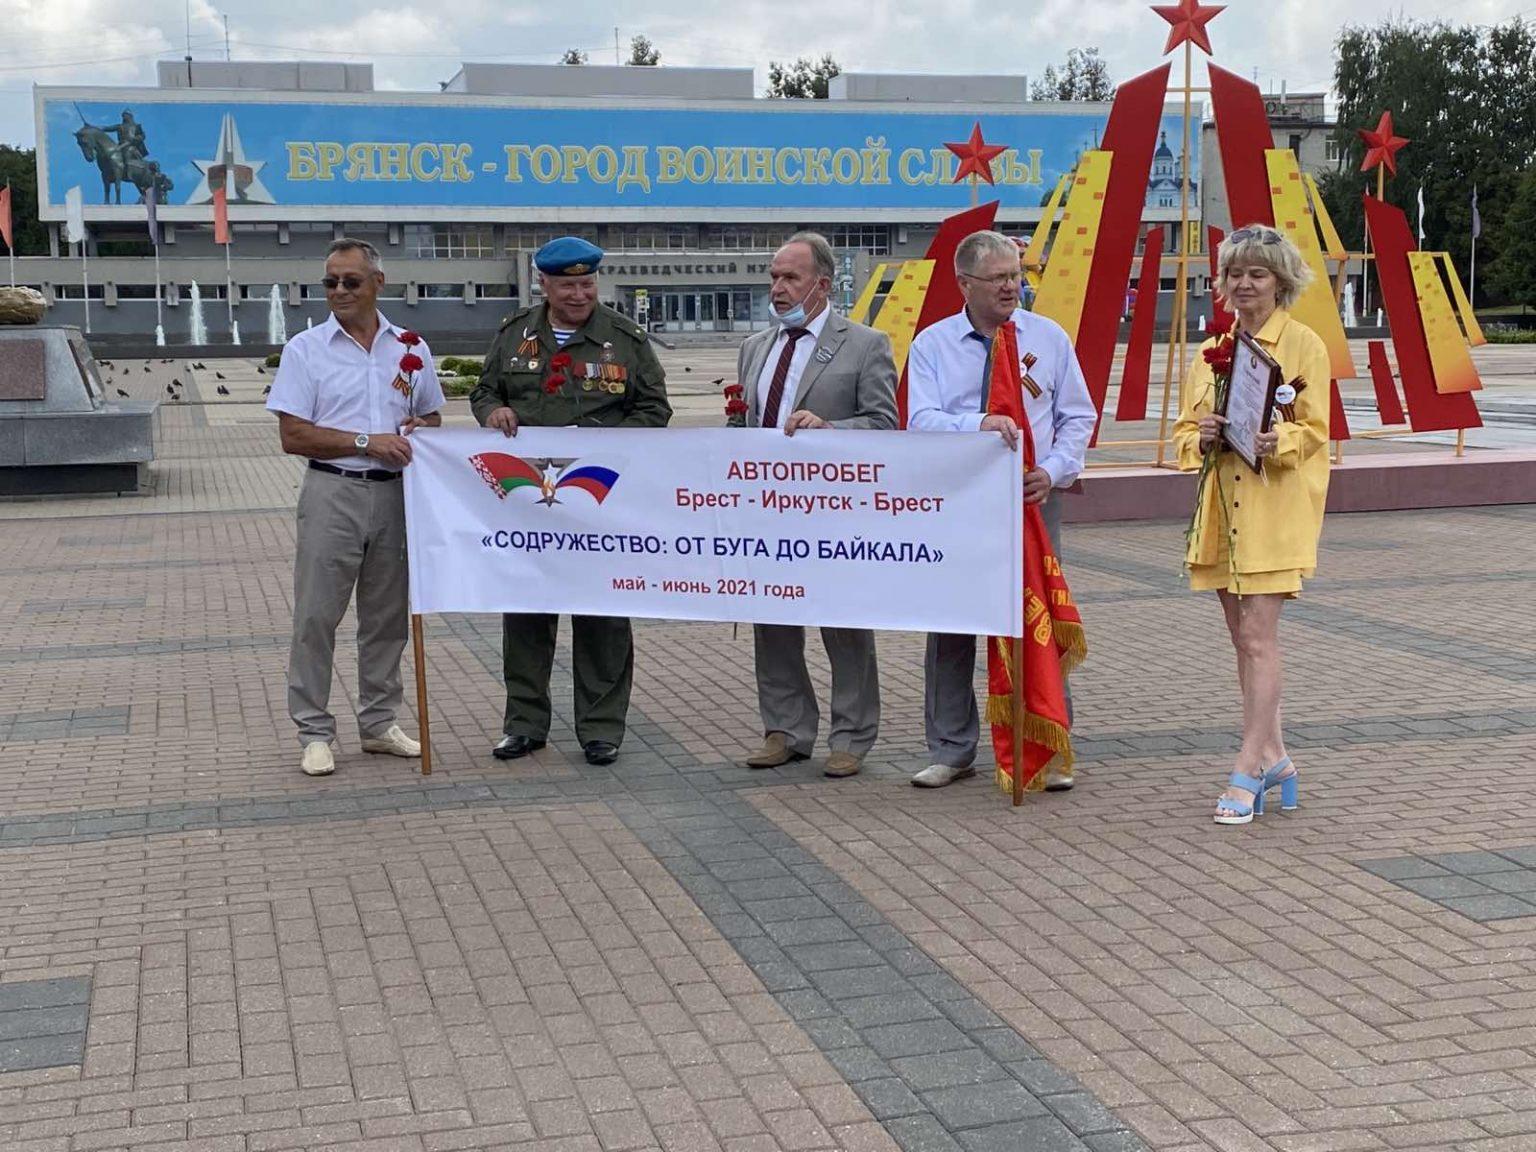 В Брянске участники автопробега, посвященного памяти ВОВ, передали музею капсулу